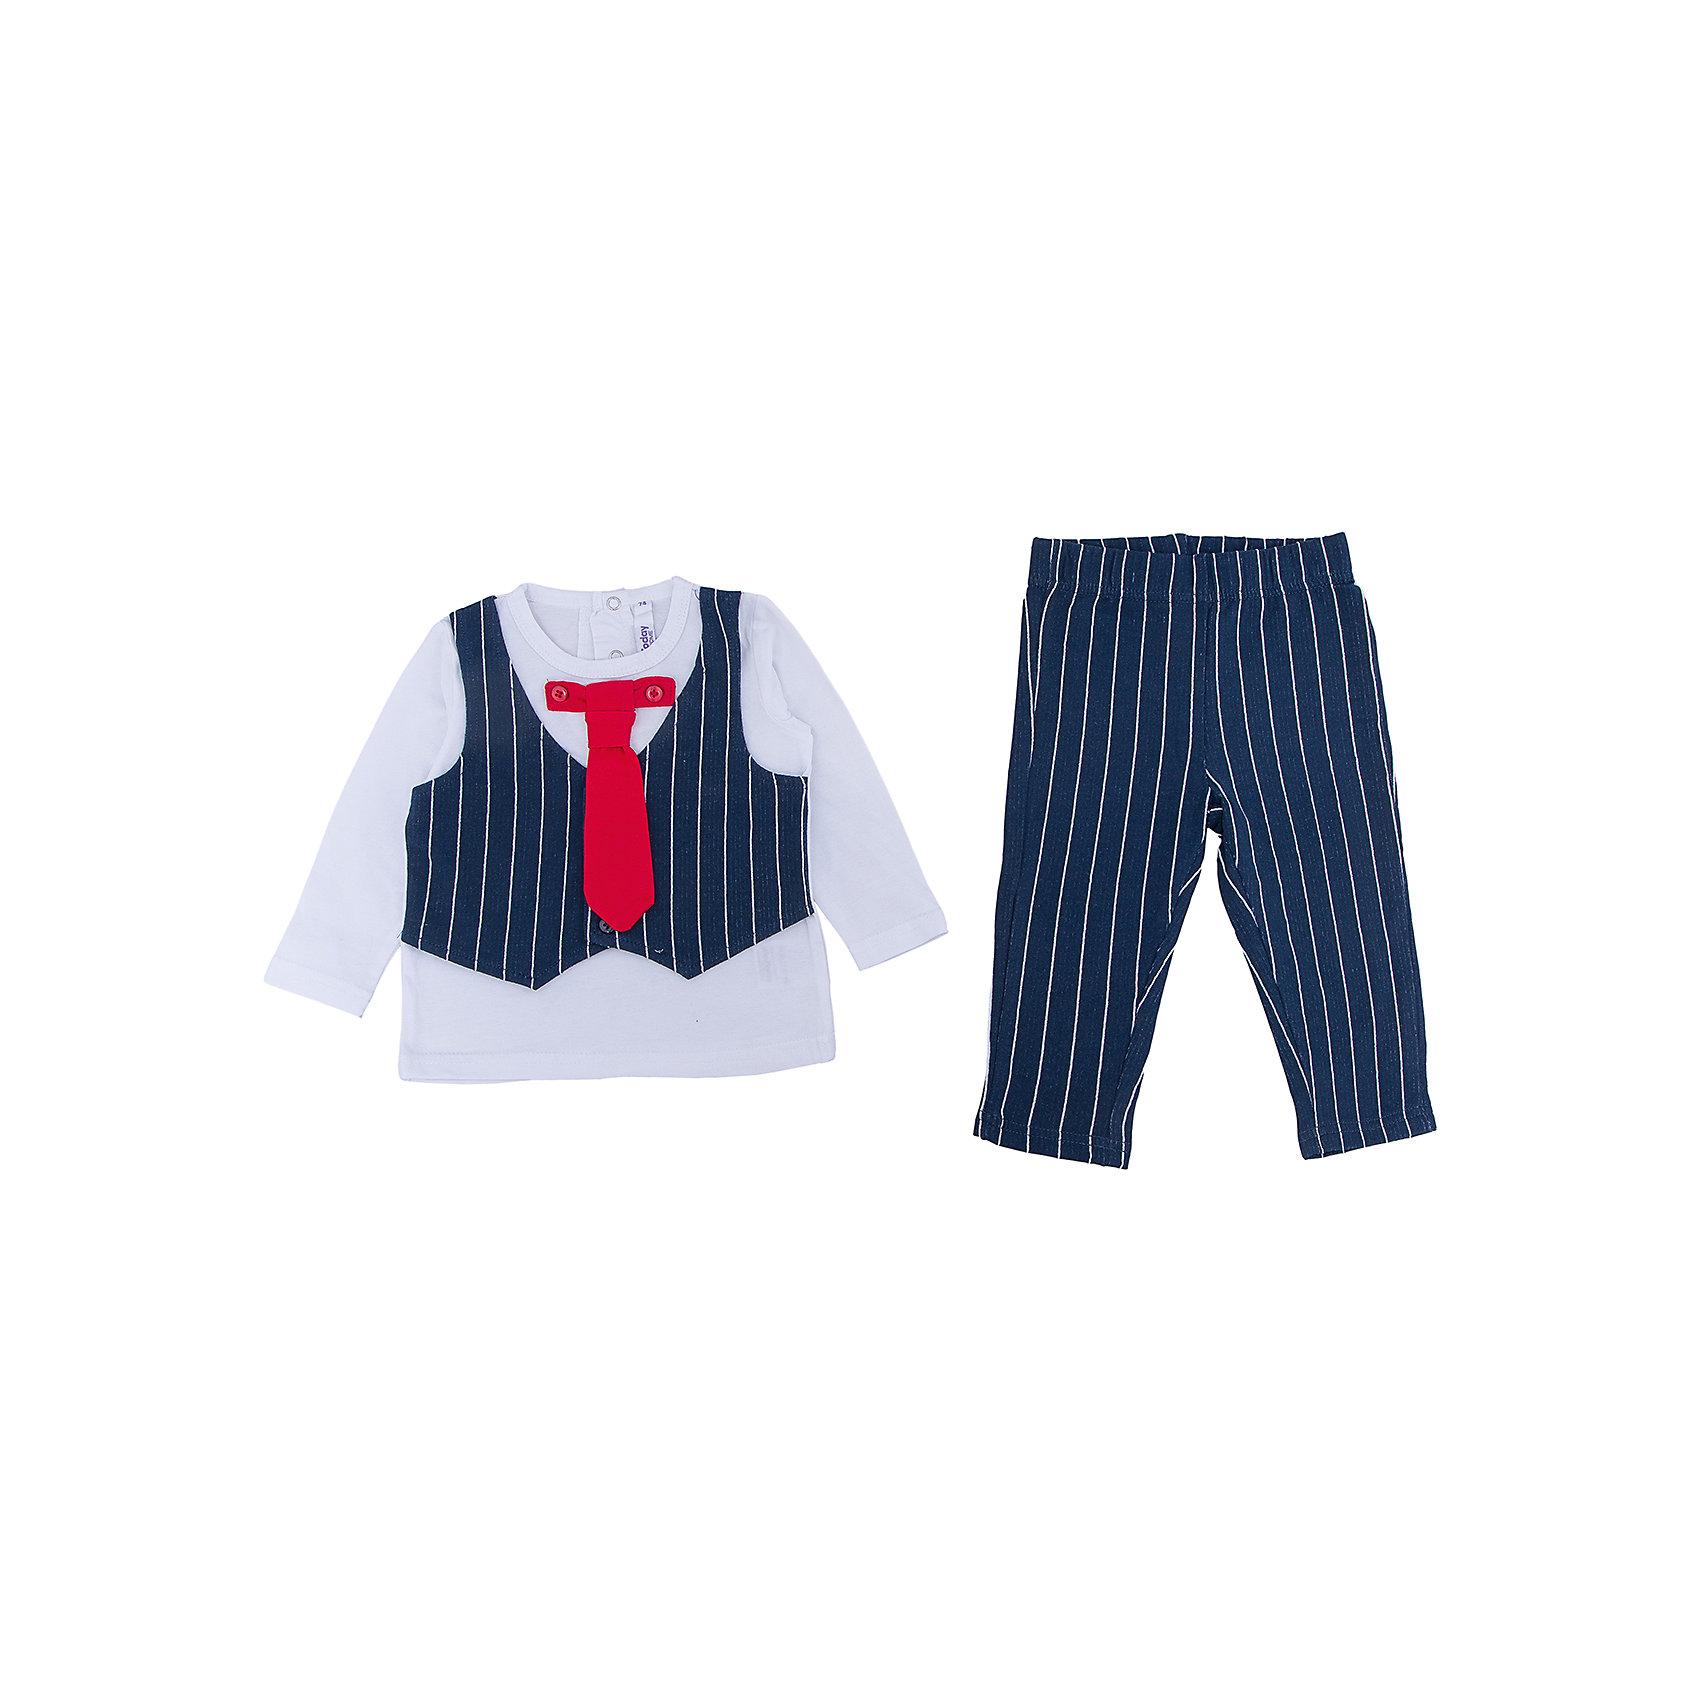 Комплект: футболка с длинным рукавом и брюки для мальчика PlayTodayОдежда<br>Характеристики:<br><br>• Вид одежды: футболка с длинным рукавом и брюки<br>• Предназначение: праздничная одежда, повседневная одежда<br>• Пол: для мальчика<br>• Сезон: круглый год<br>• Материал: хлопок – 95%, эластан – 5%<br>• Цвет: белый, черный, красный<br>• Рукав: длинный<br>• Длина штанишек: длинные<br>• Вырез горловины: круглый<br>• Особенности ухода: ручная стирка без применения отбеливающих средств, глажение при низкой температуре <br><br>PlayToday – это линейка детской одежды, которая предназначена как для повседневности, так и для праздников. Большинство моделей выполнены в классическом стиле, сочетающем в себе традиции с яркими стильными элементами и аксессуарами. Весь ассортимент одежды сочетается между собой по стилю и цветовому решению, поэтому Вам будет легко сформировать гардероб вашего ребенка, который отражает его индивидуальность. <br>Комплект: футболка с длинным рукавом и брюки для мальчика PlayToday – яркий, стильный и оригинальный комплект, предназначенный как для праздничных дней, так и для повседневности. Футболка и брюки выполнены из натурального хлопка с добавлением эластана, что придает комплекту особую прочность и износоустойчивость. У футболки длинный рукав и втачной жилет, застегивающийся на пуговицы, кроме того предусмотрен съемный галстук. Длинные штанишки имеют широкую эластичную резинку и свободный крой, благодаря чему, изделие не сковывает движений ребенка. <br><br>Комплект: футболку с длинным рукавом и брюки для мальчика PlayToday можно купить в нашем интернет-магазине.<br><br>Ширина мм: 215<br>Глубина мм: 88<br>Высота мм: 191<br>Вес г: 336<br>Цвет: разноцветный<br>Возраст от месяцев: 6<br>Возраст до месяцев: 9<br>Пол: Мужской<br>Возраст: Детский<br>Размер: 74,92,80,86<br>SKU: 5059488